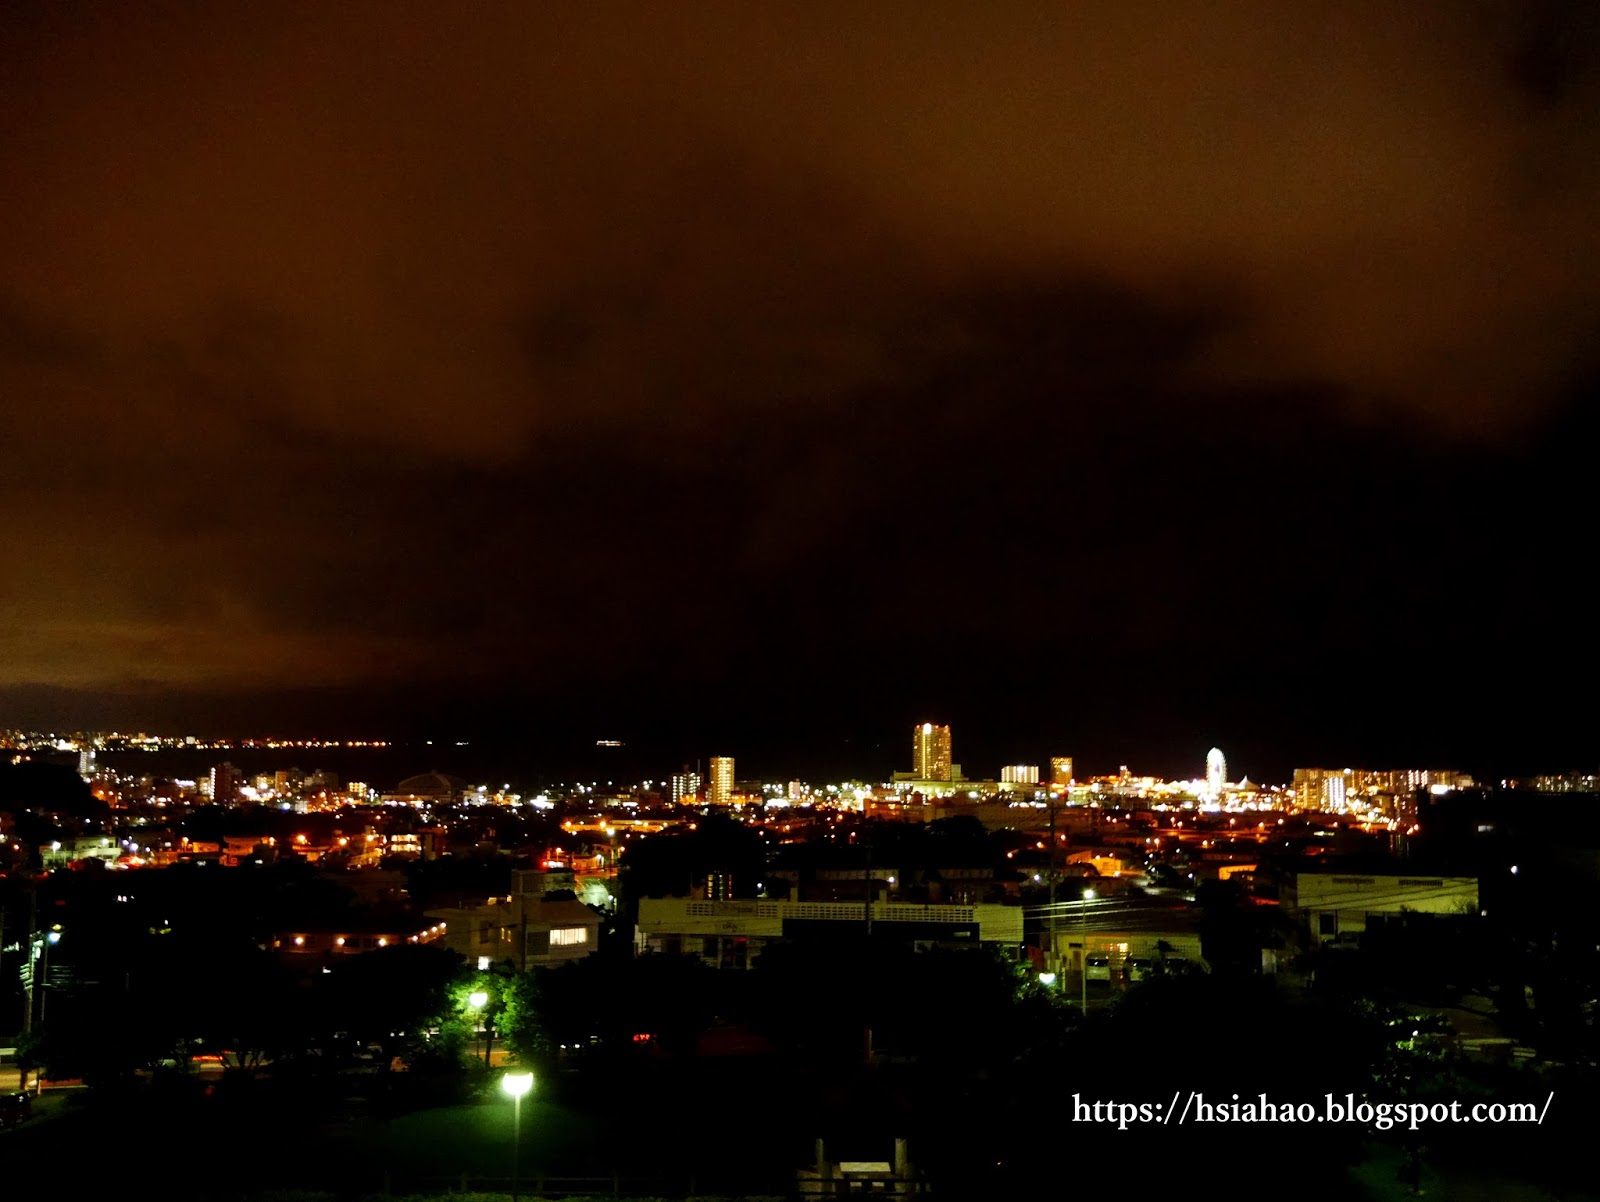 沖繩-中部-美國村夜景-美國村-Okinawa-night-view